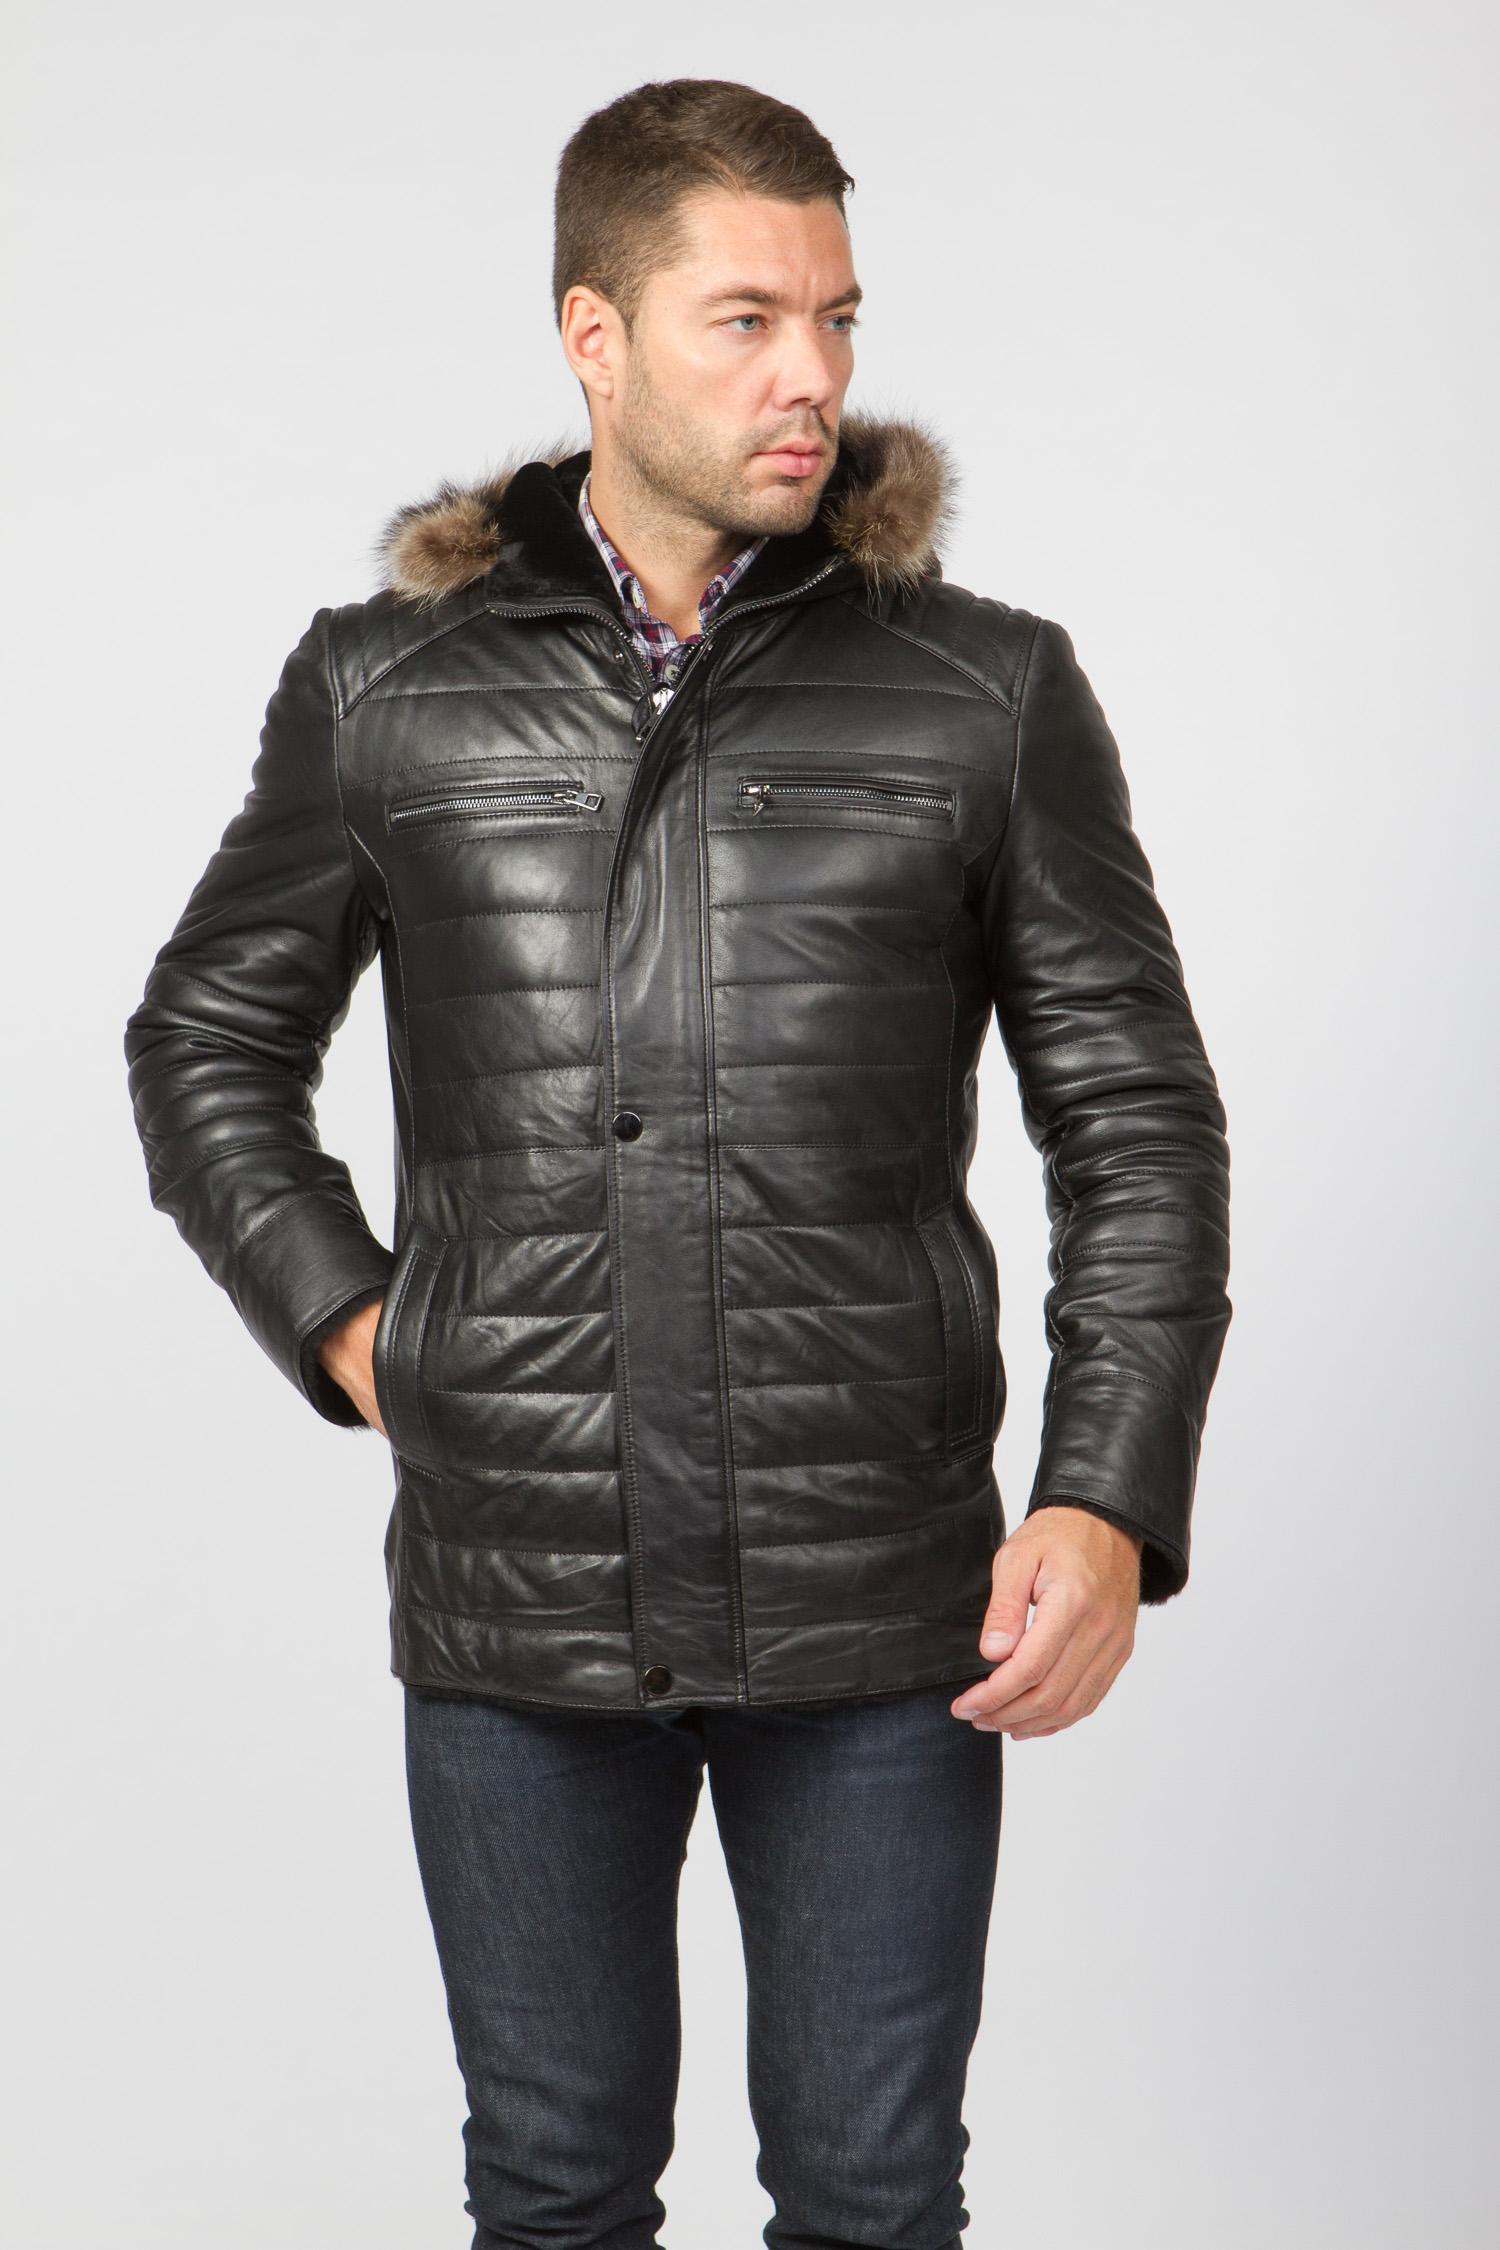 МОСМЕХА кожаная куртка на синтепоне с отделкой мехом енота